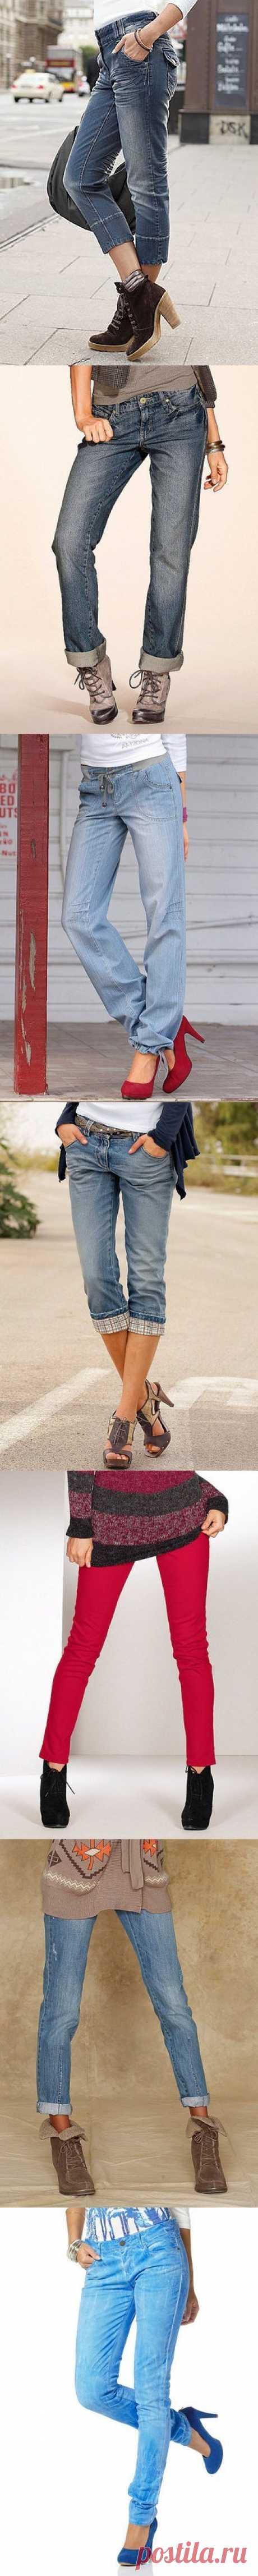 Стильные джинсы в весеннем каталоге ОТТО